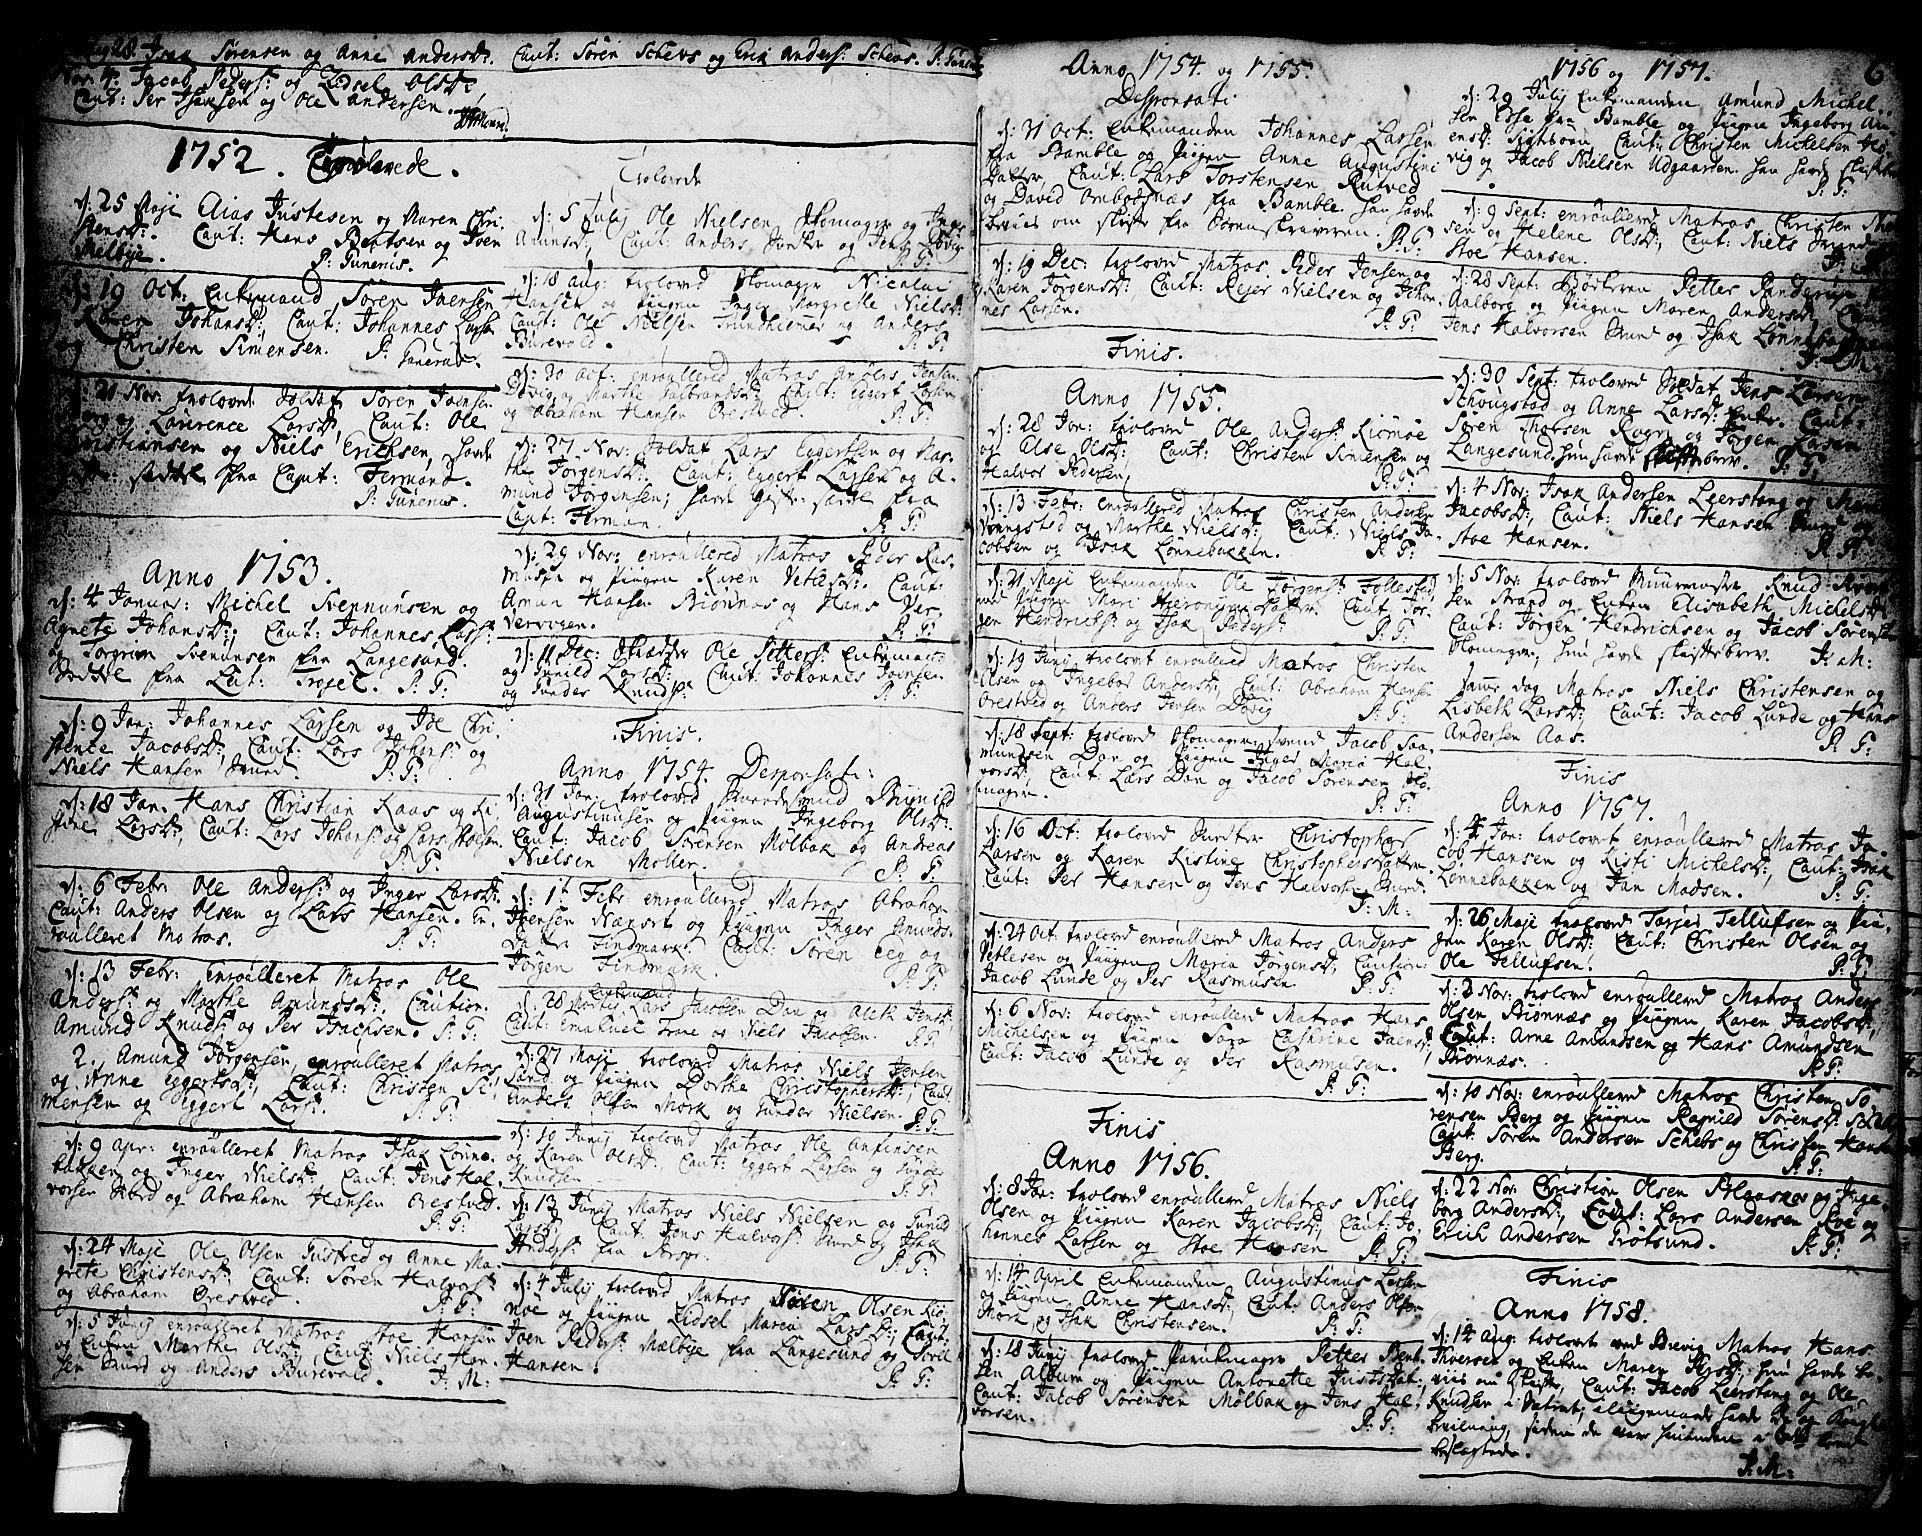 SAKO, Brevik kirkebøker, F/Fa/L0002: Ministerialbok nr. 2, 1720-1764, s. 6